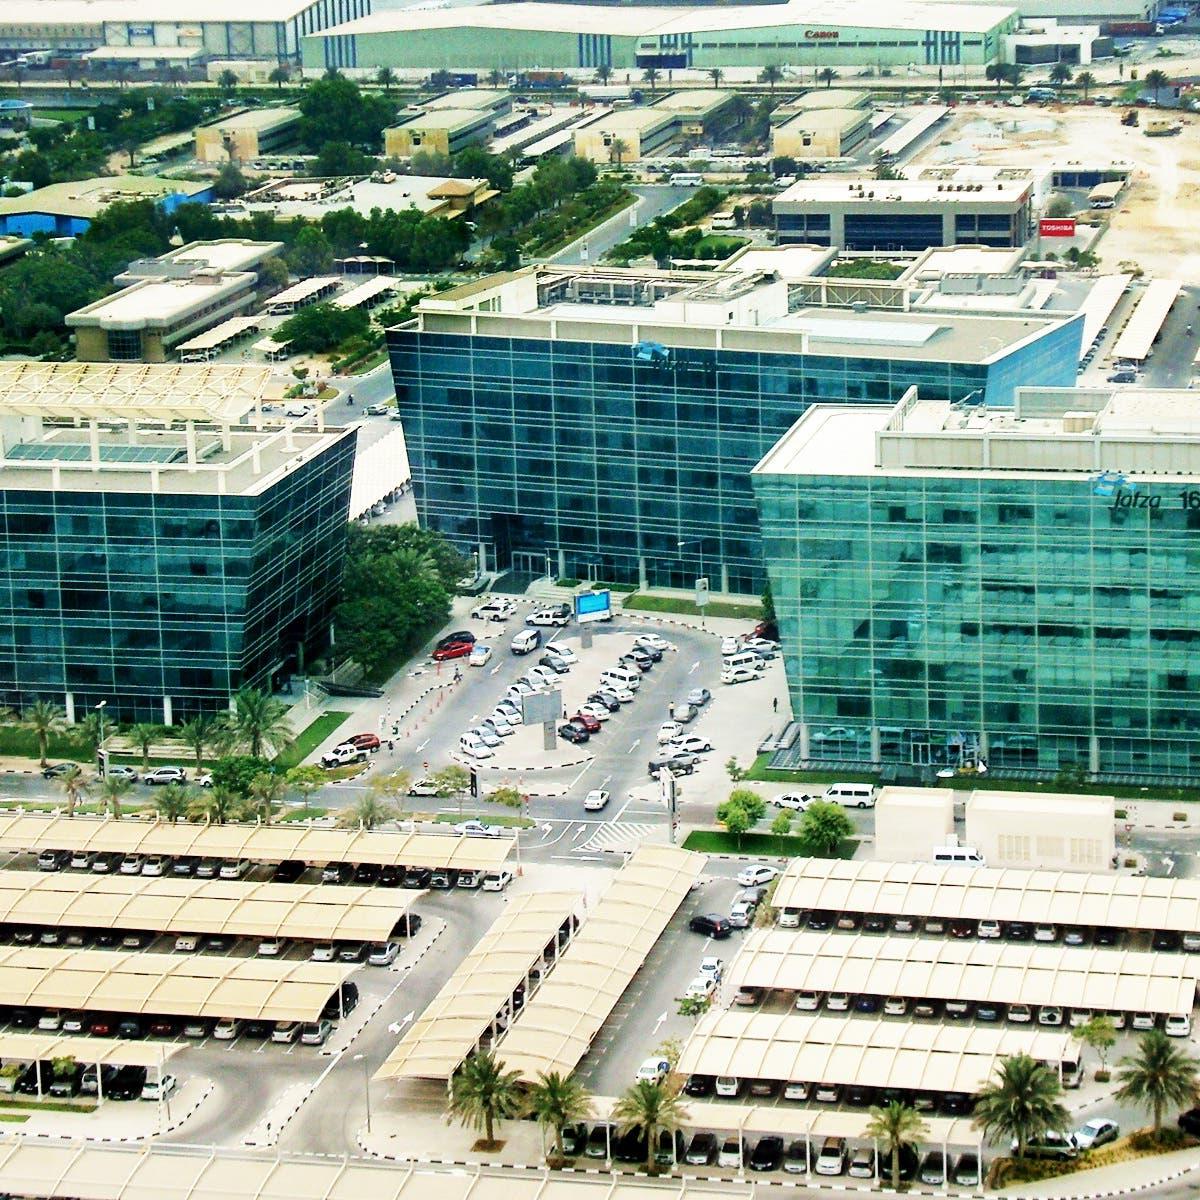 """بلومبرغ: """"موانئ دبي"""" تدرس بيع حصة في أهم منطقة صناعية وتجارية بالإمارة"""